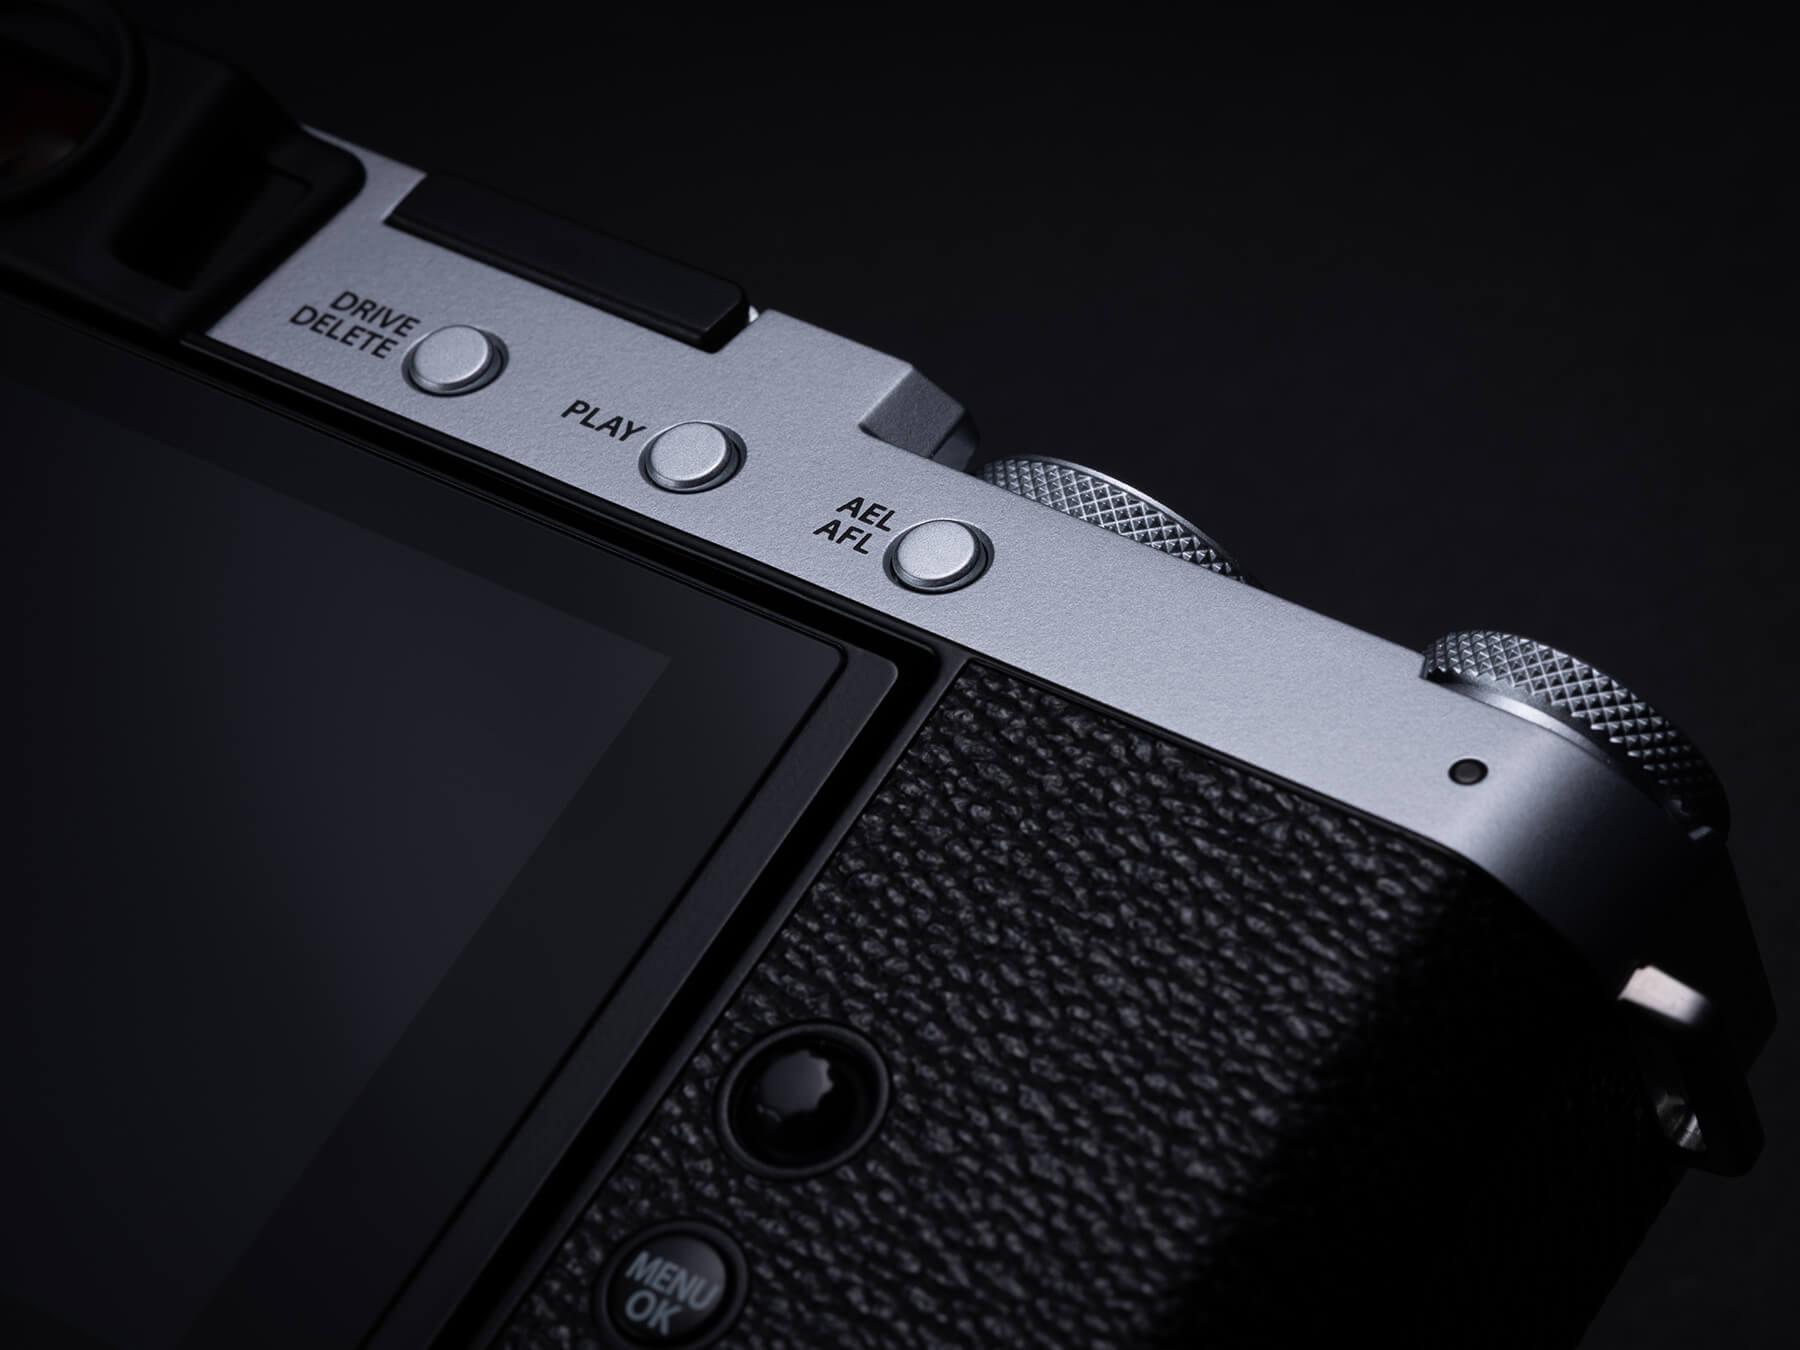 Fujifilm X-E4 back